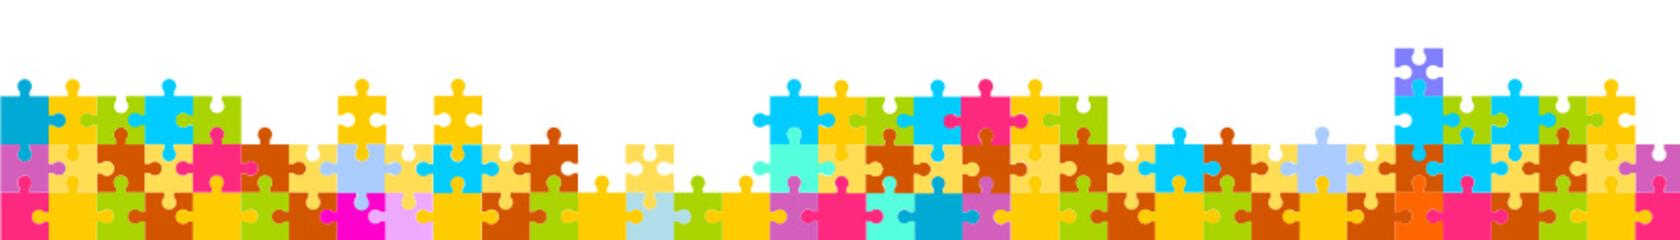 puzzle banner panorama bunt